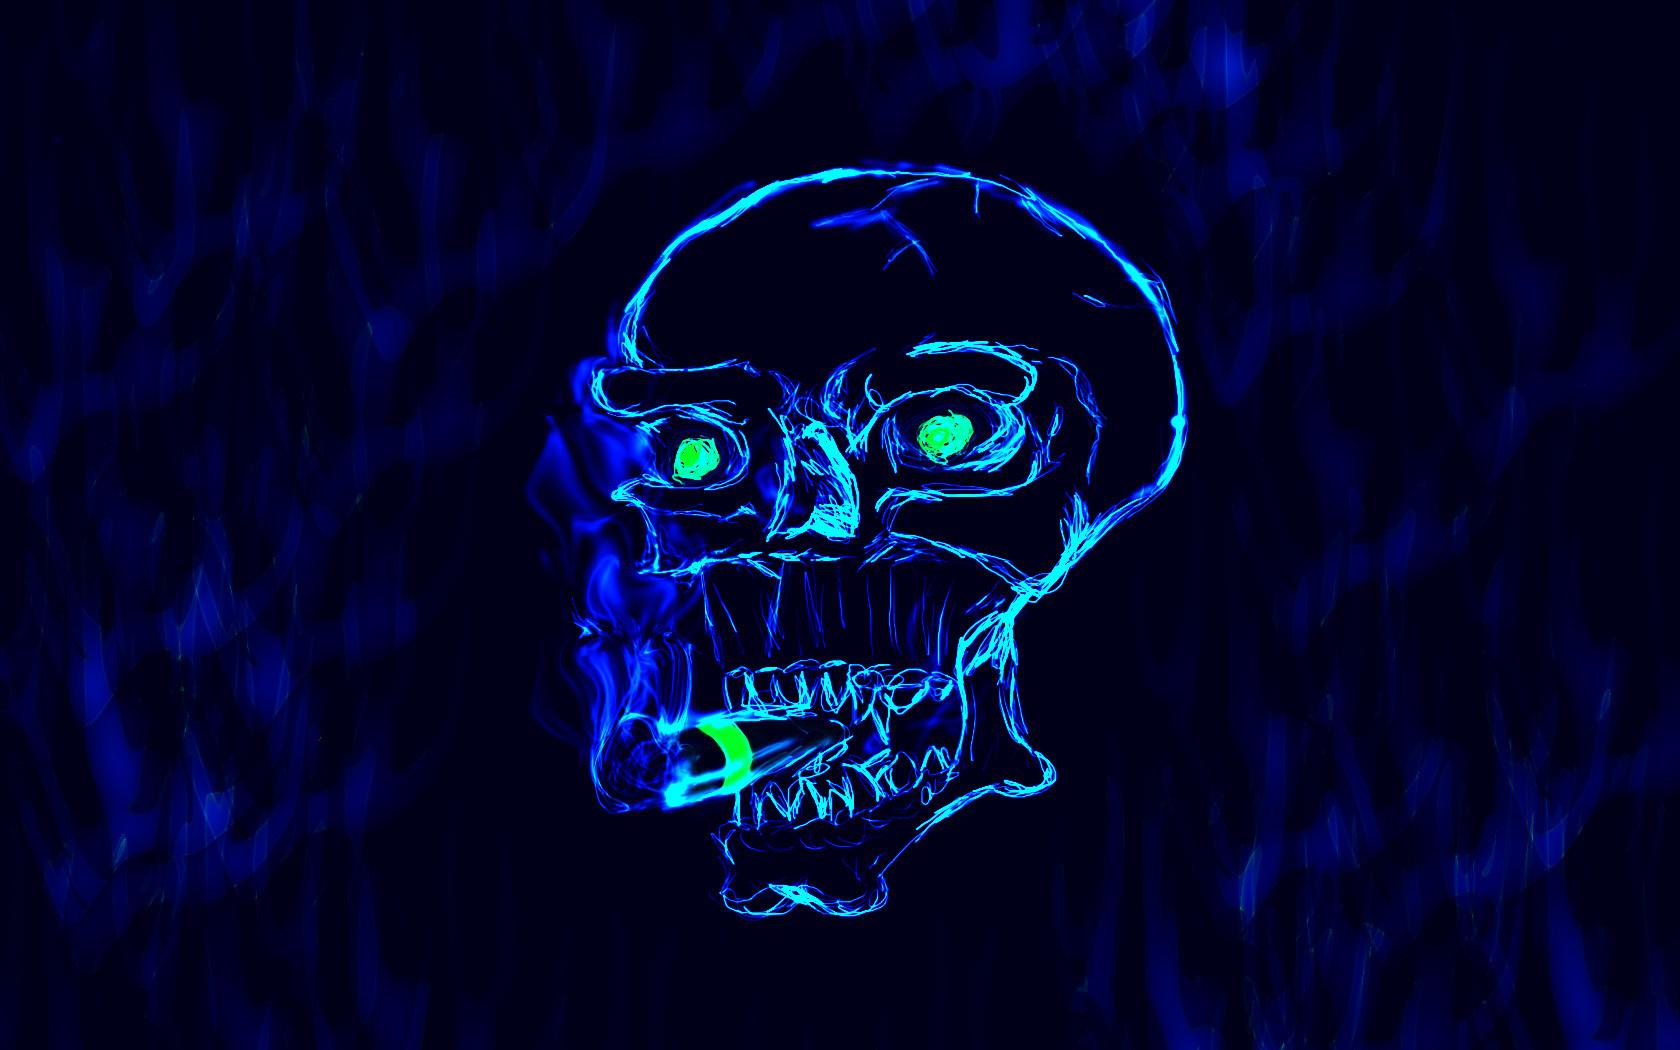 6887416-skull-wallpaper